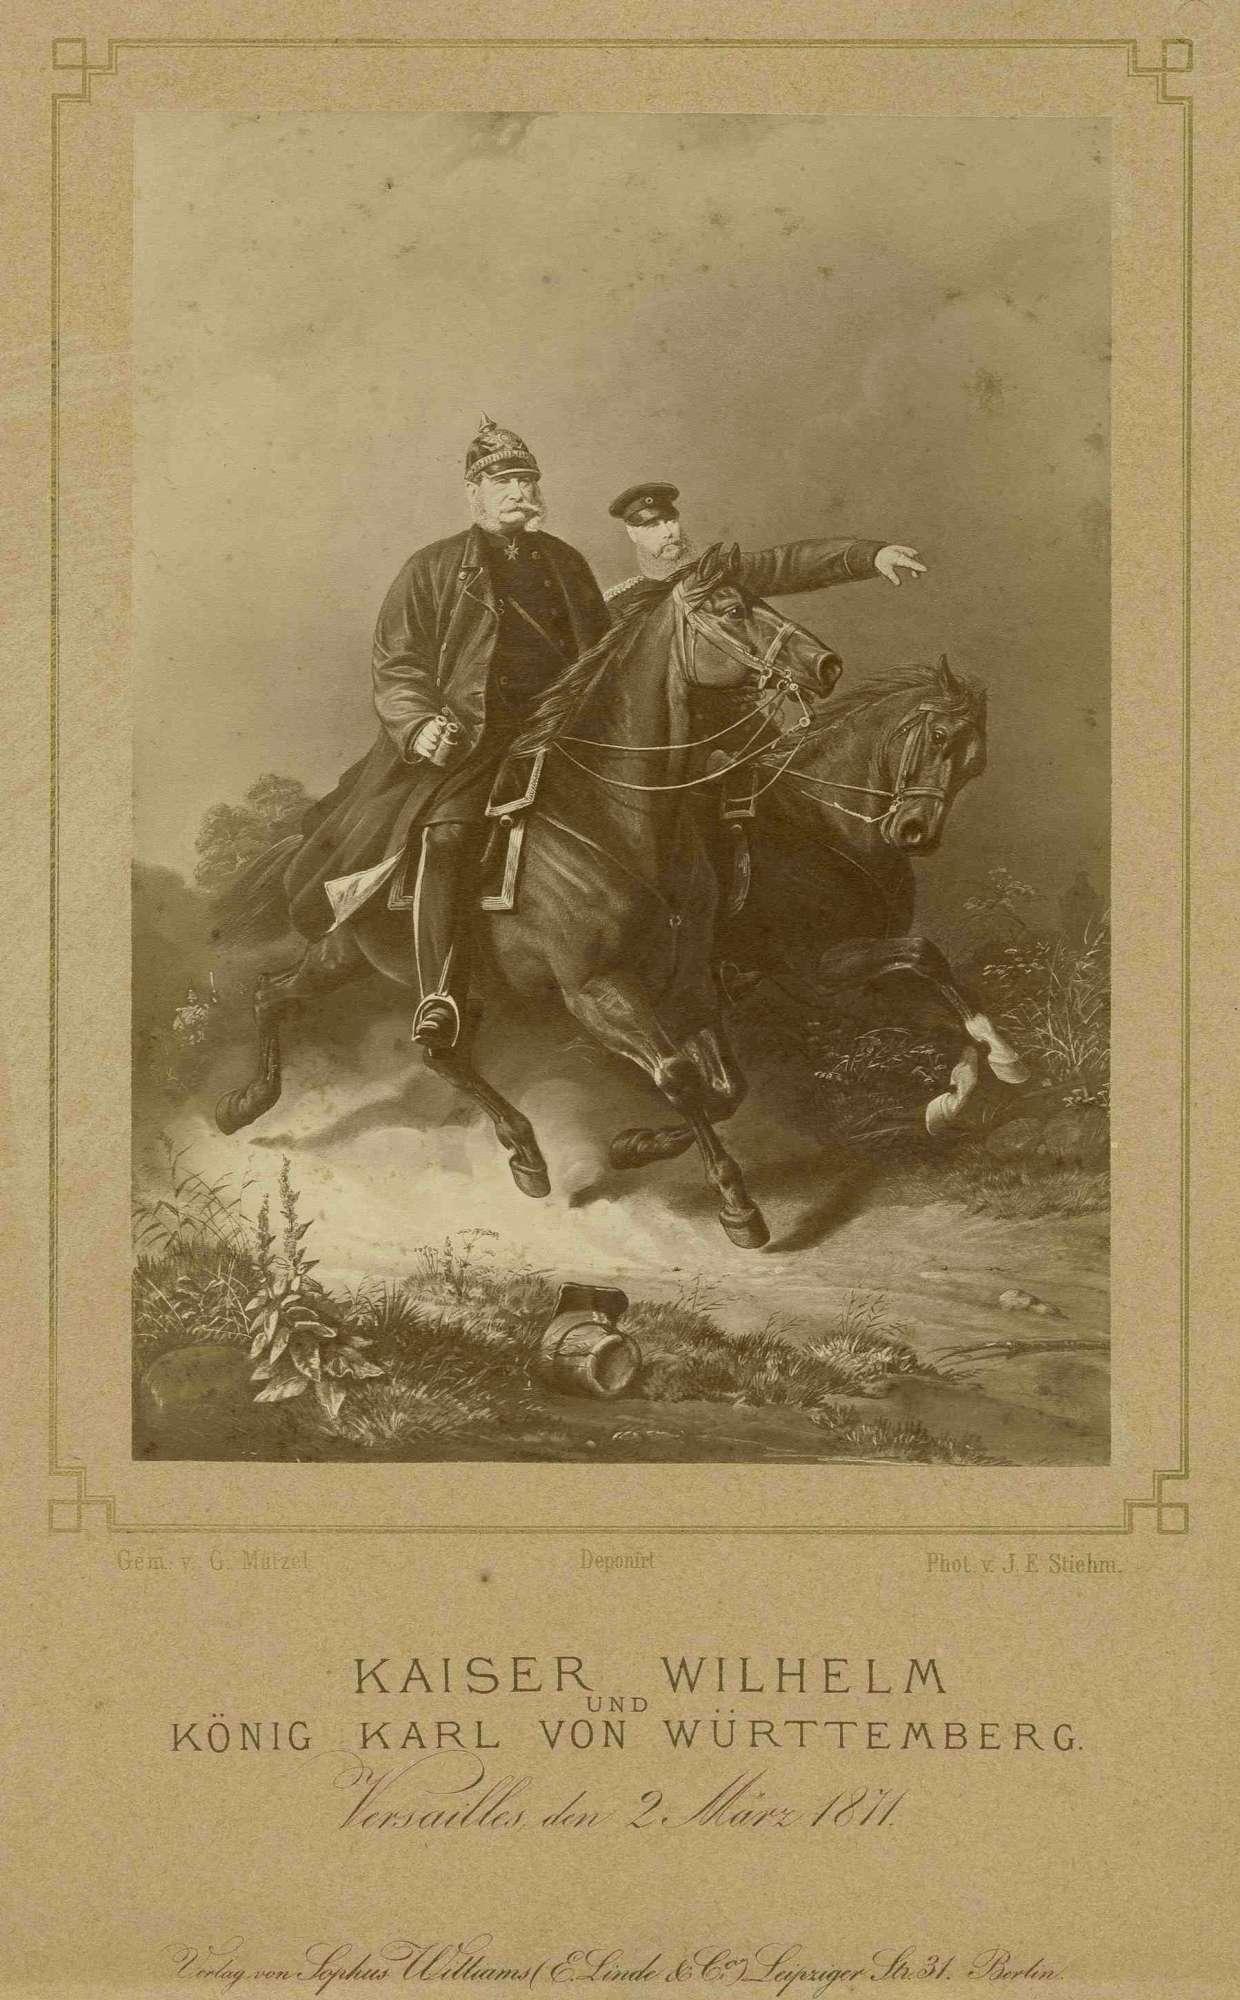 Kaiser Wilhelm I., König von Preußen, in Uniform und Pickelhaube mit Fernglas sowie König Karl von Württemberg in Uniform und Mütze, beide zu Pferd in Versailles, Bild 1